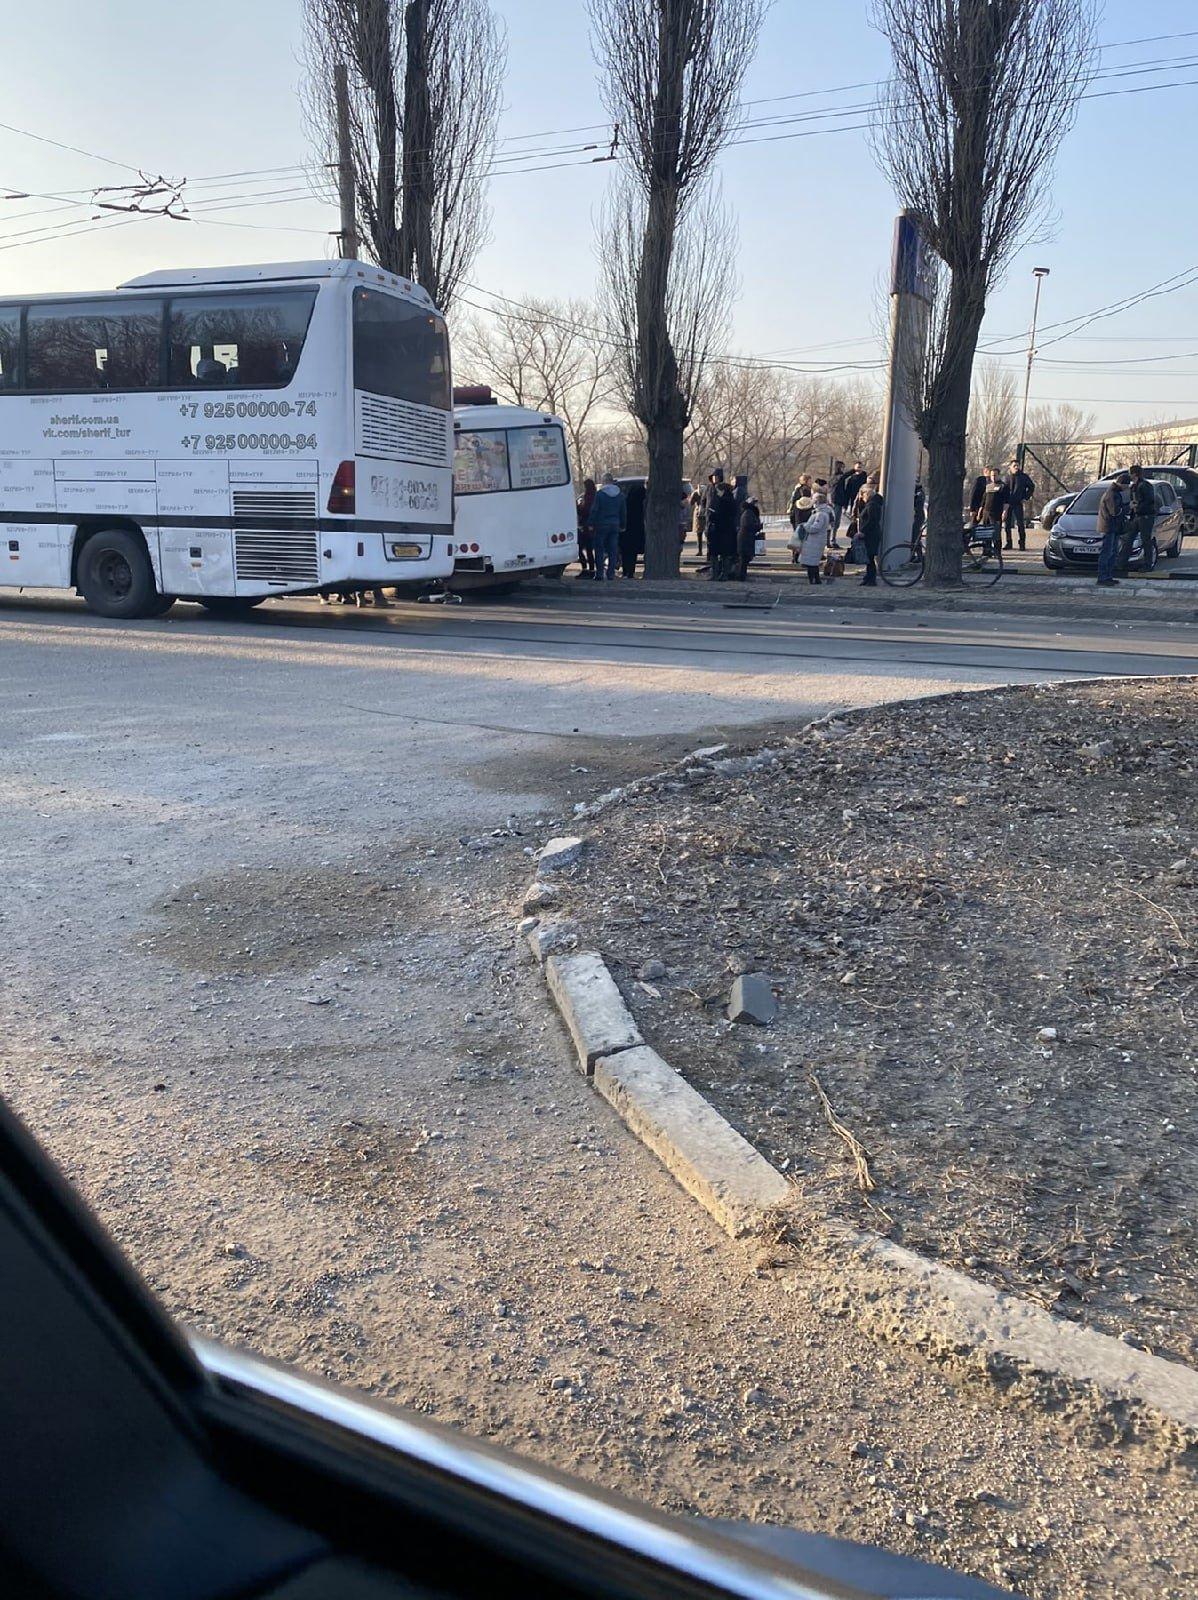 Между Донецком и Макеевкой столкнулись два автобуса: есть пострадавшие, - ФОТО, фото-3